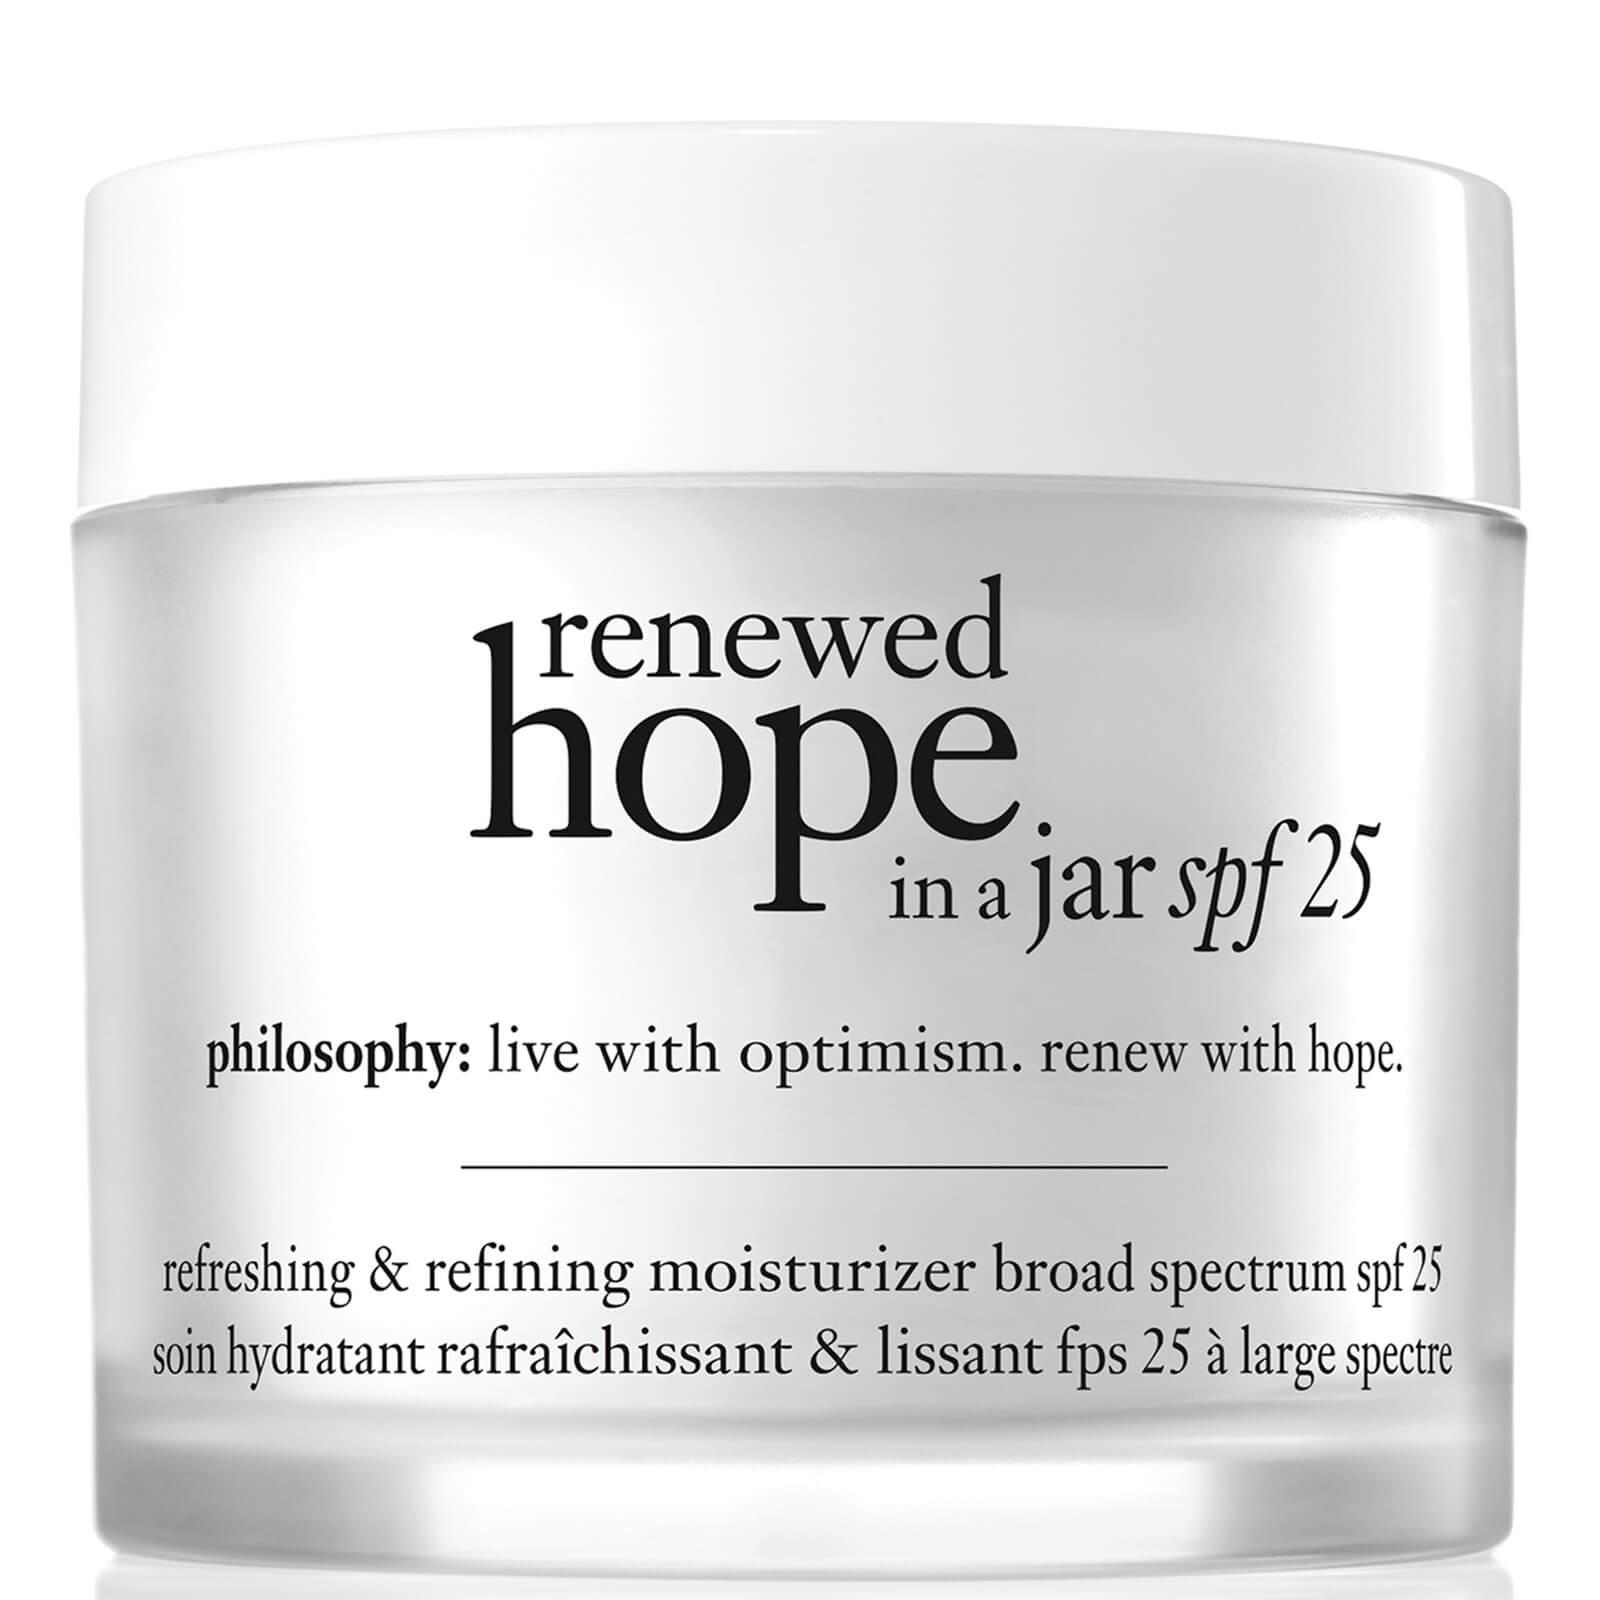 Купить Увлажняющий крем для лица philosophy Renewed Hope in a Jar SPF25 Moisturiser 60 мл